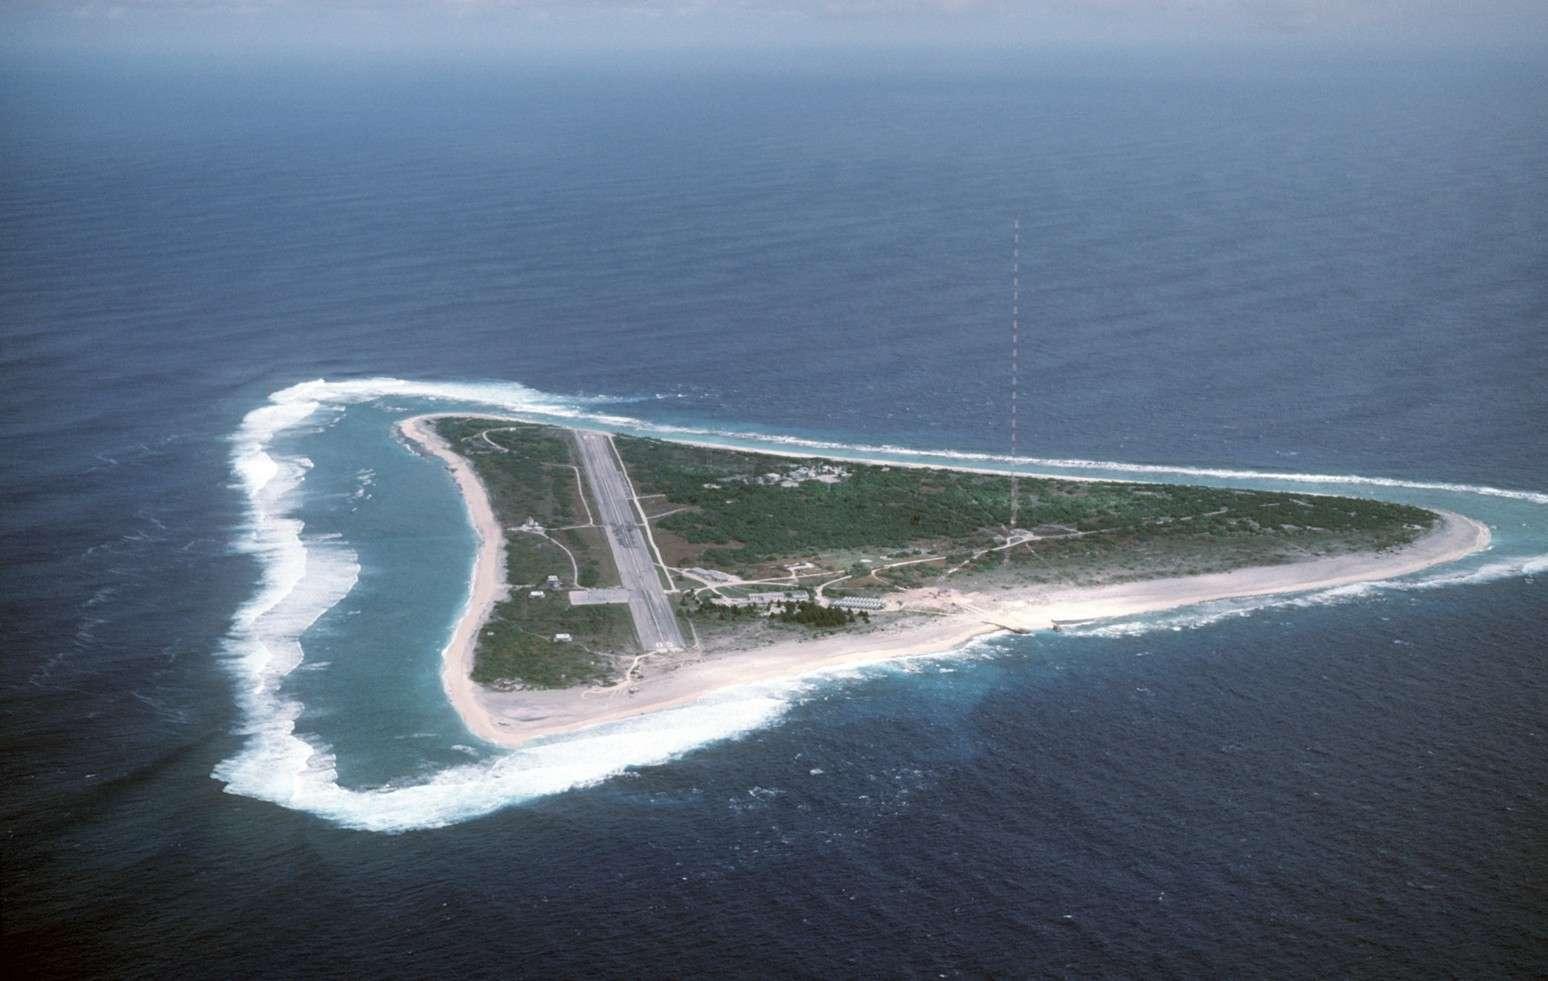 Disparition d'une île (Minamitorishima) - Océan Pacifique 2015-023